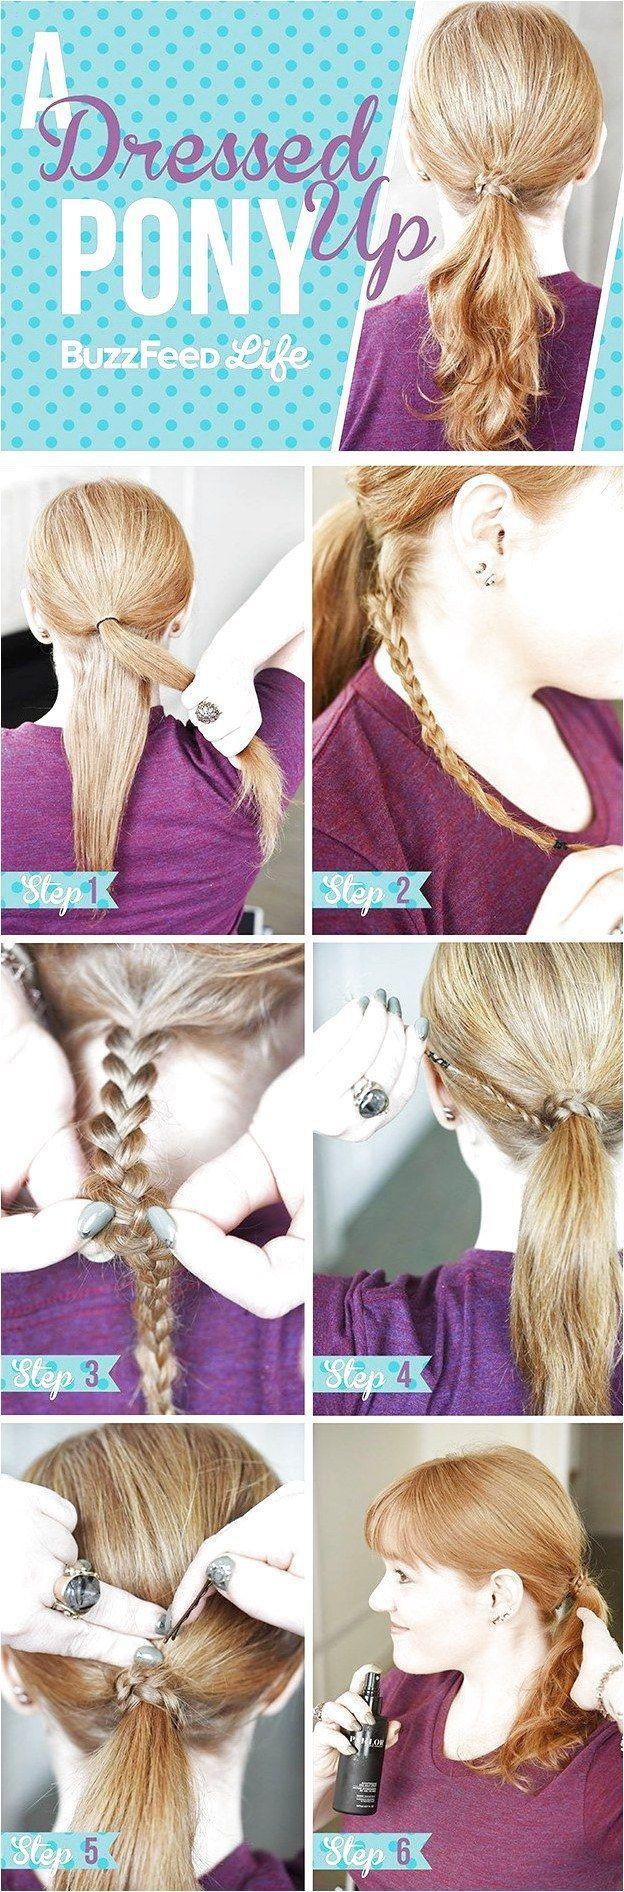 Lo que necesita: – Horquillas para el cabello – Mini lazos para el cabello – Spray de sal marina Paso 1: Configuración …